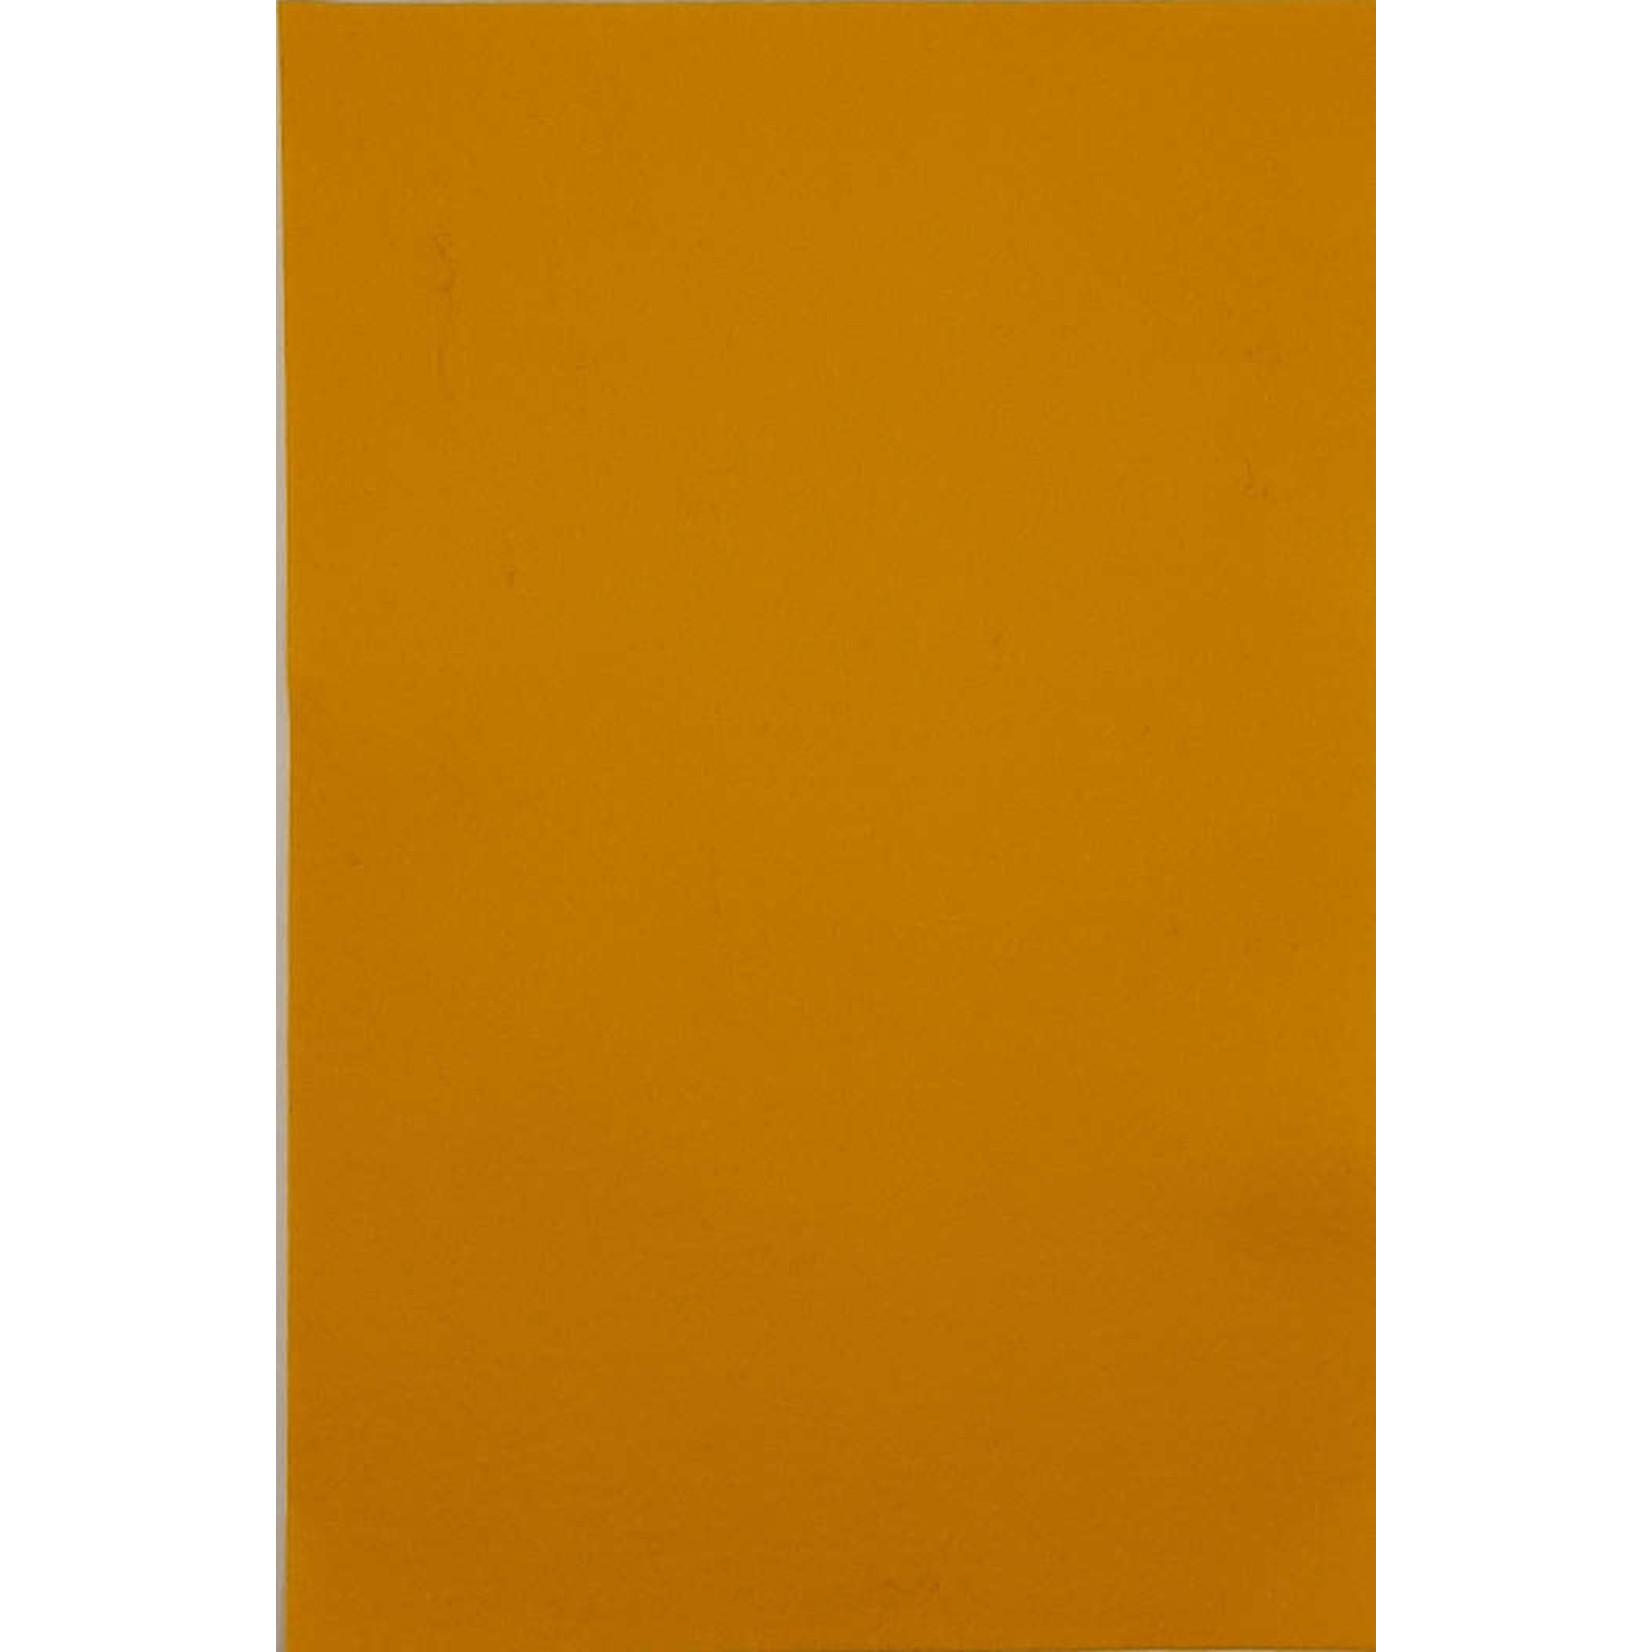 HollandFelt Wolvilt - lapje 20 x 30 cm. - kleur 03  Maisgeel - zuiver scheerwol- 1 mm. dik